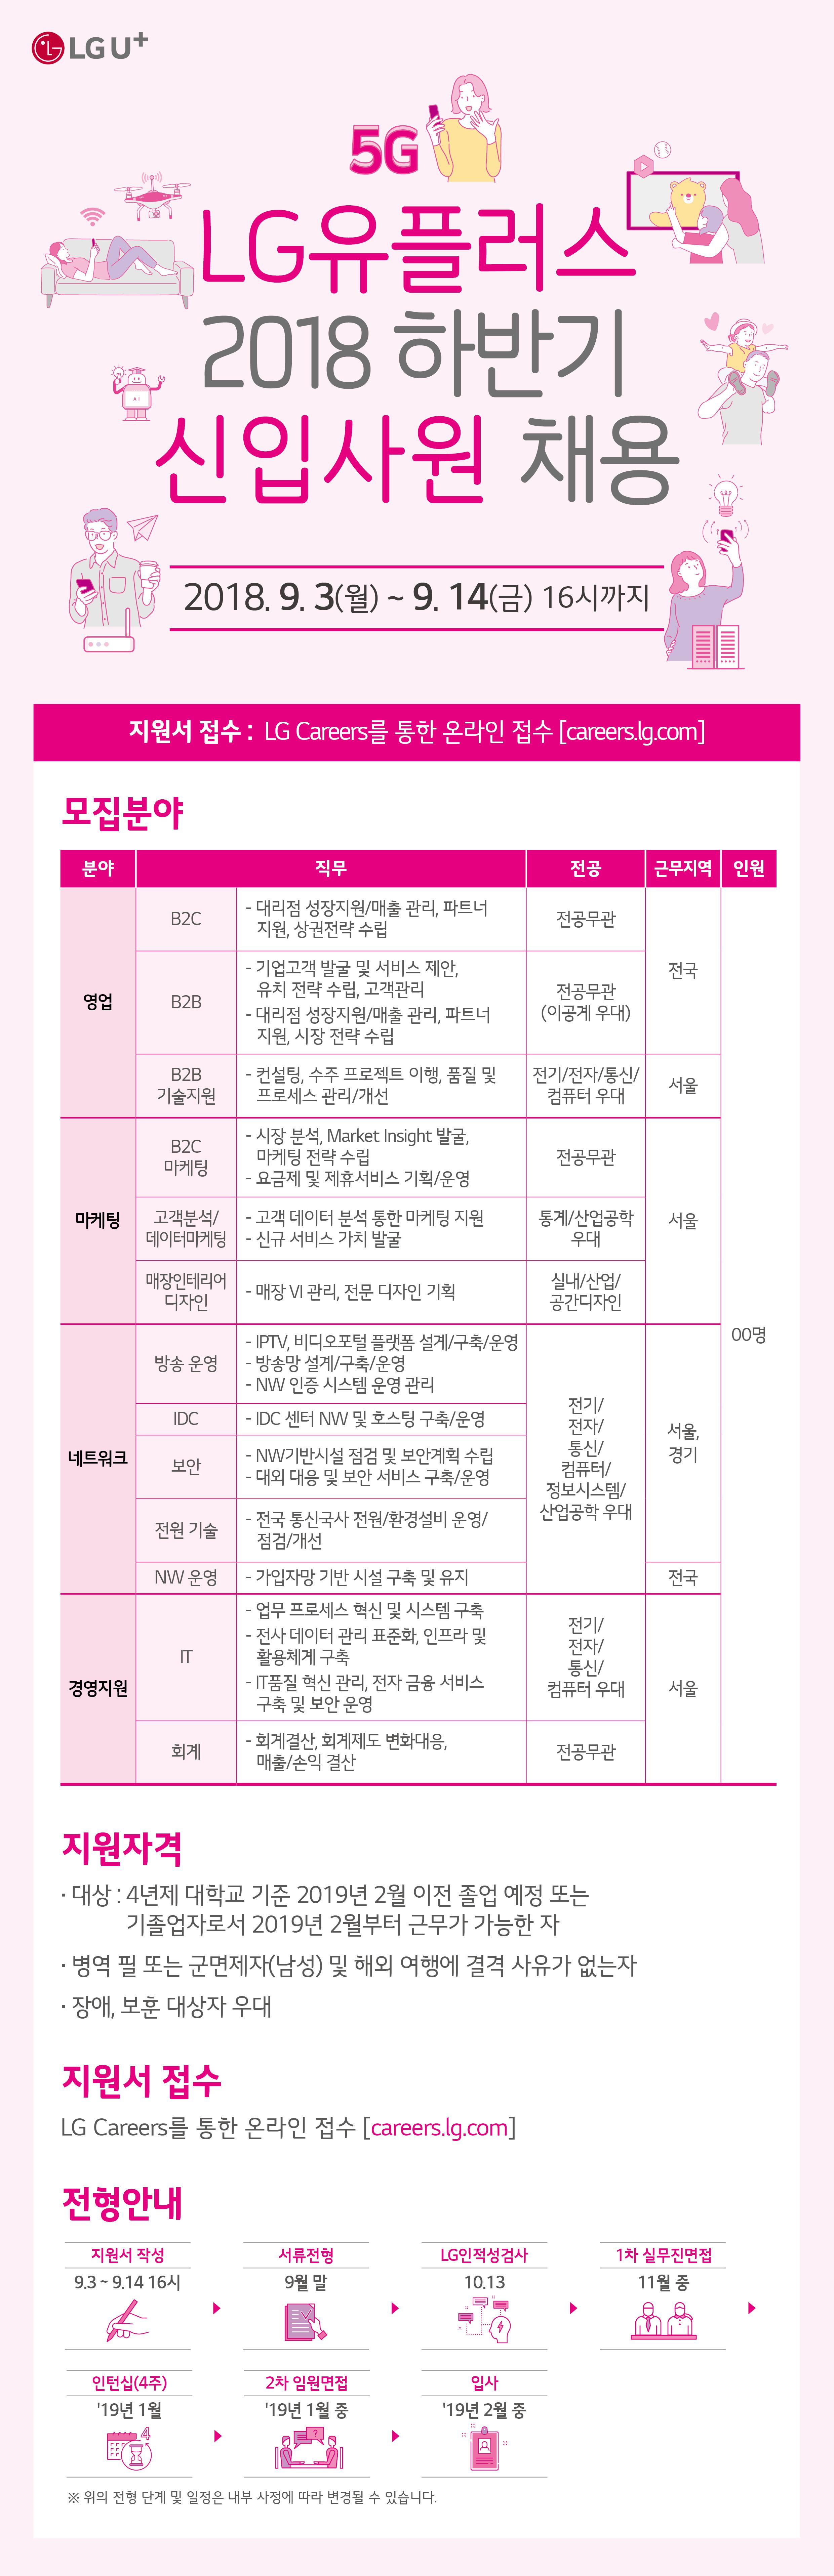 [신입사원 채용] LG유플러스 2018 하반기 채용.jpg